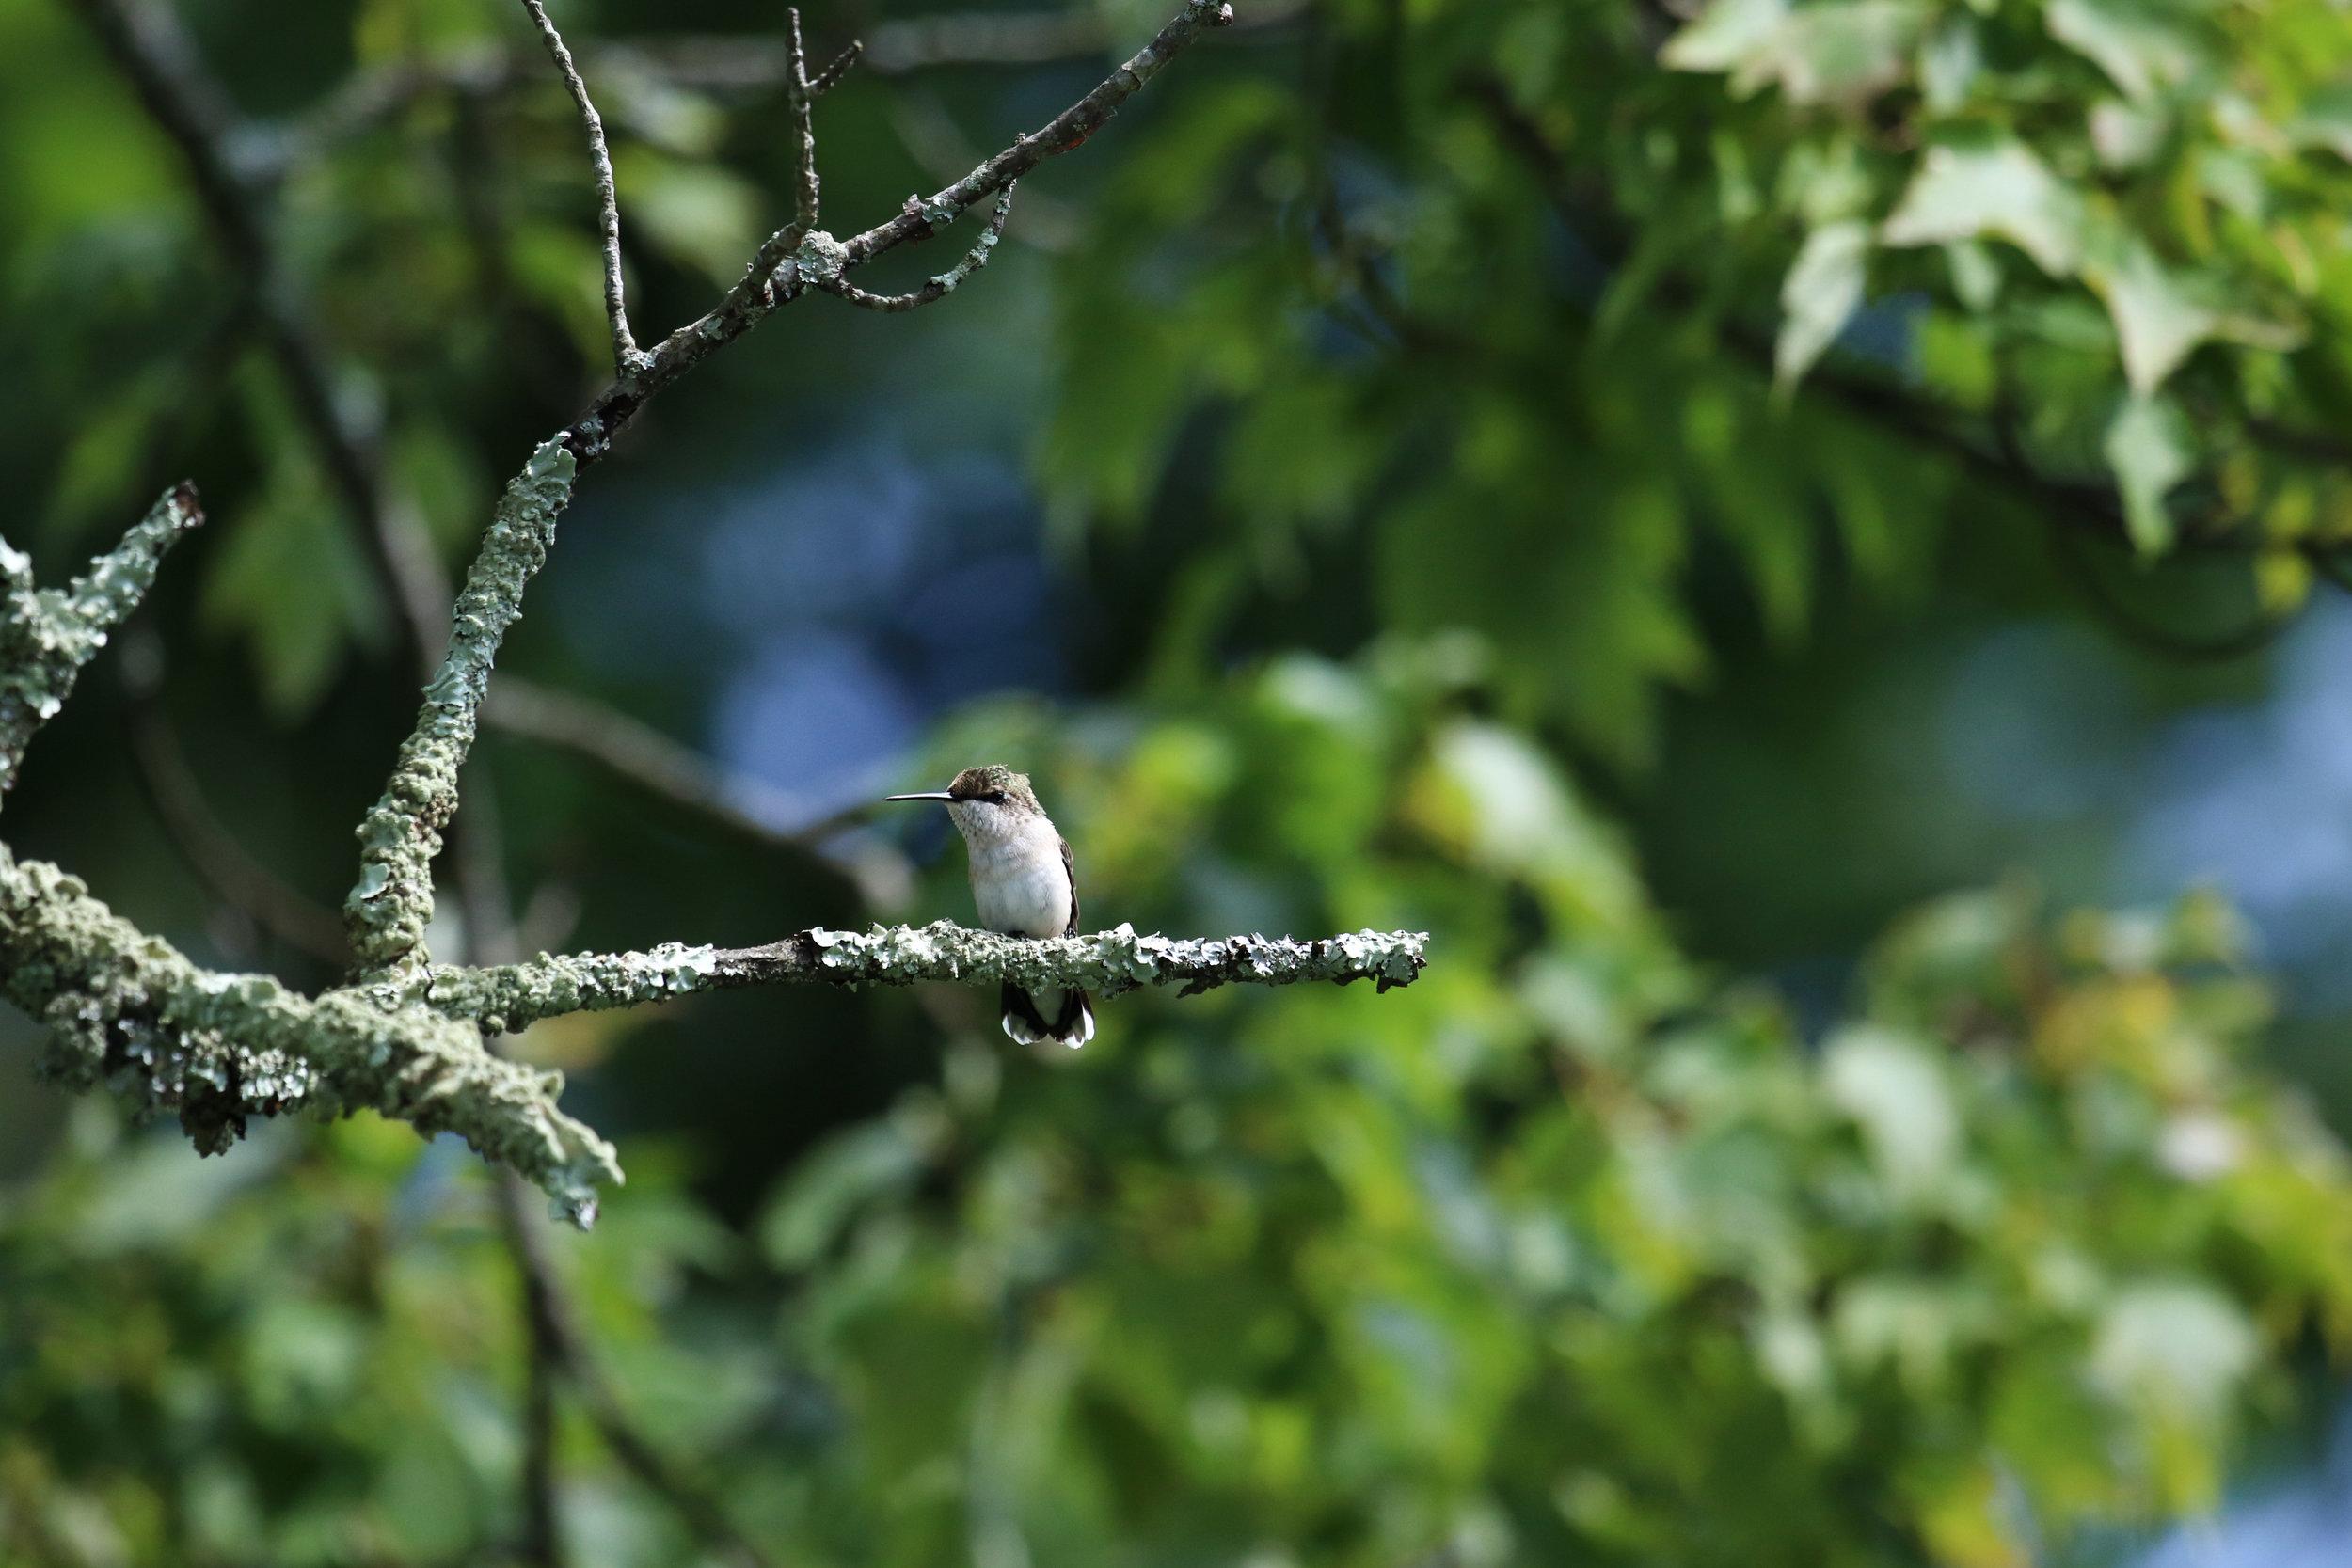 hummingbird on branch north carolina (1 of 1).jpg